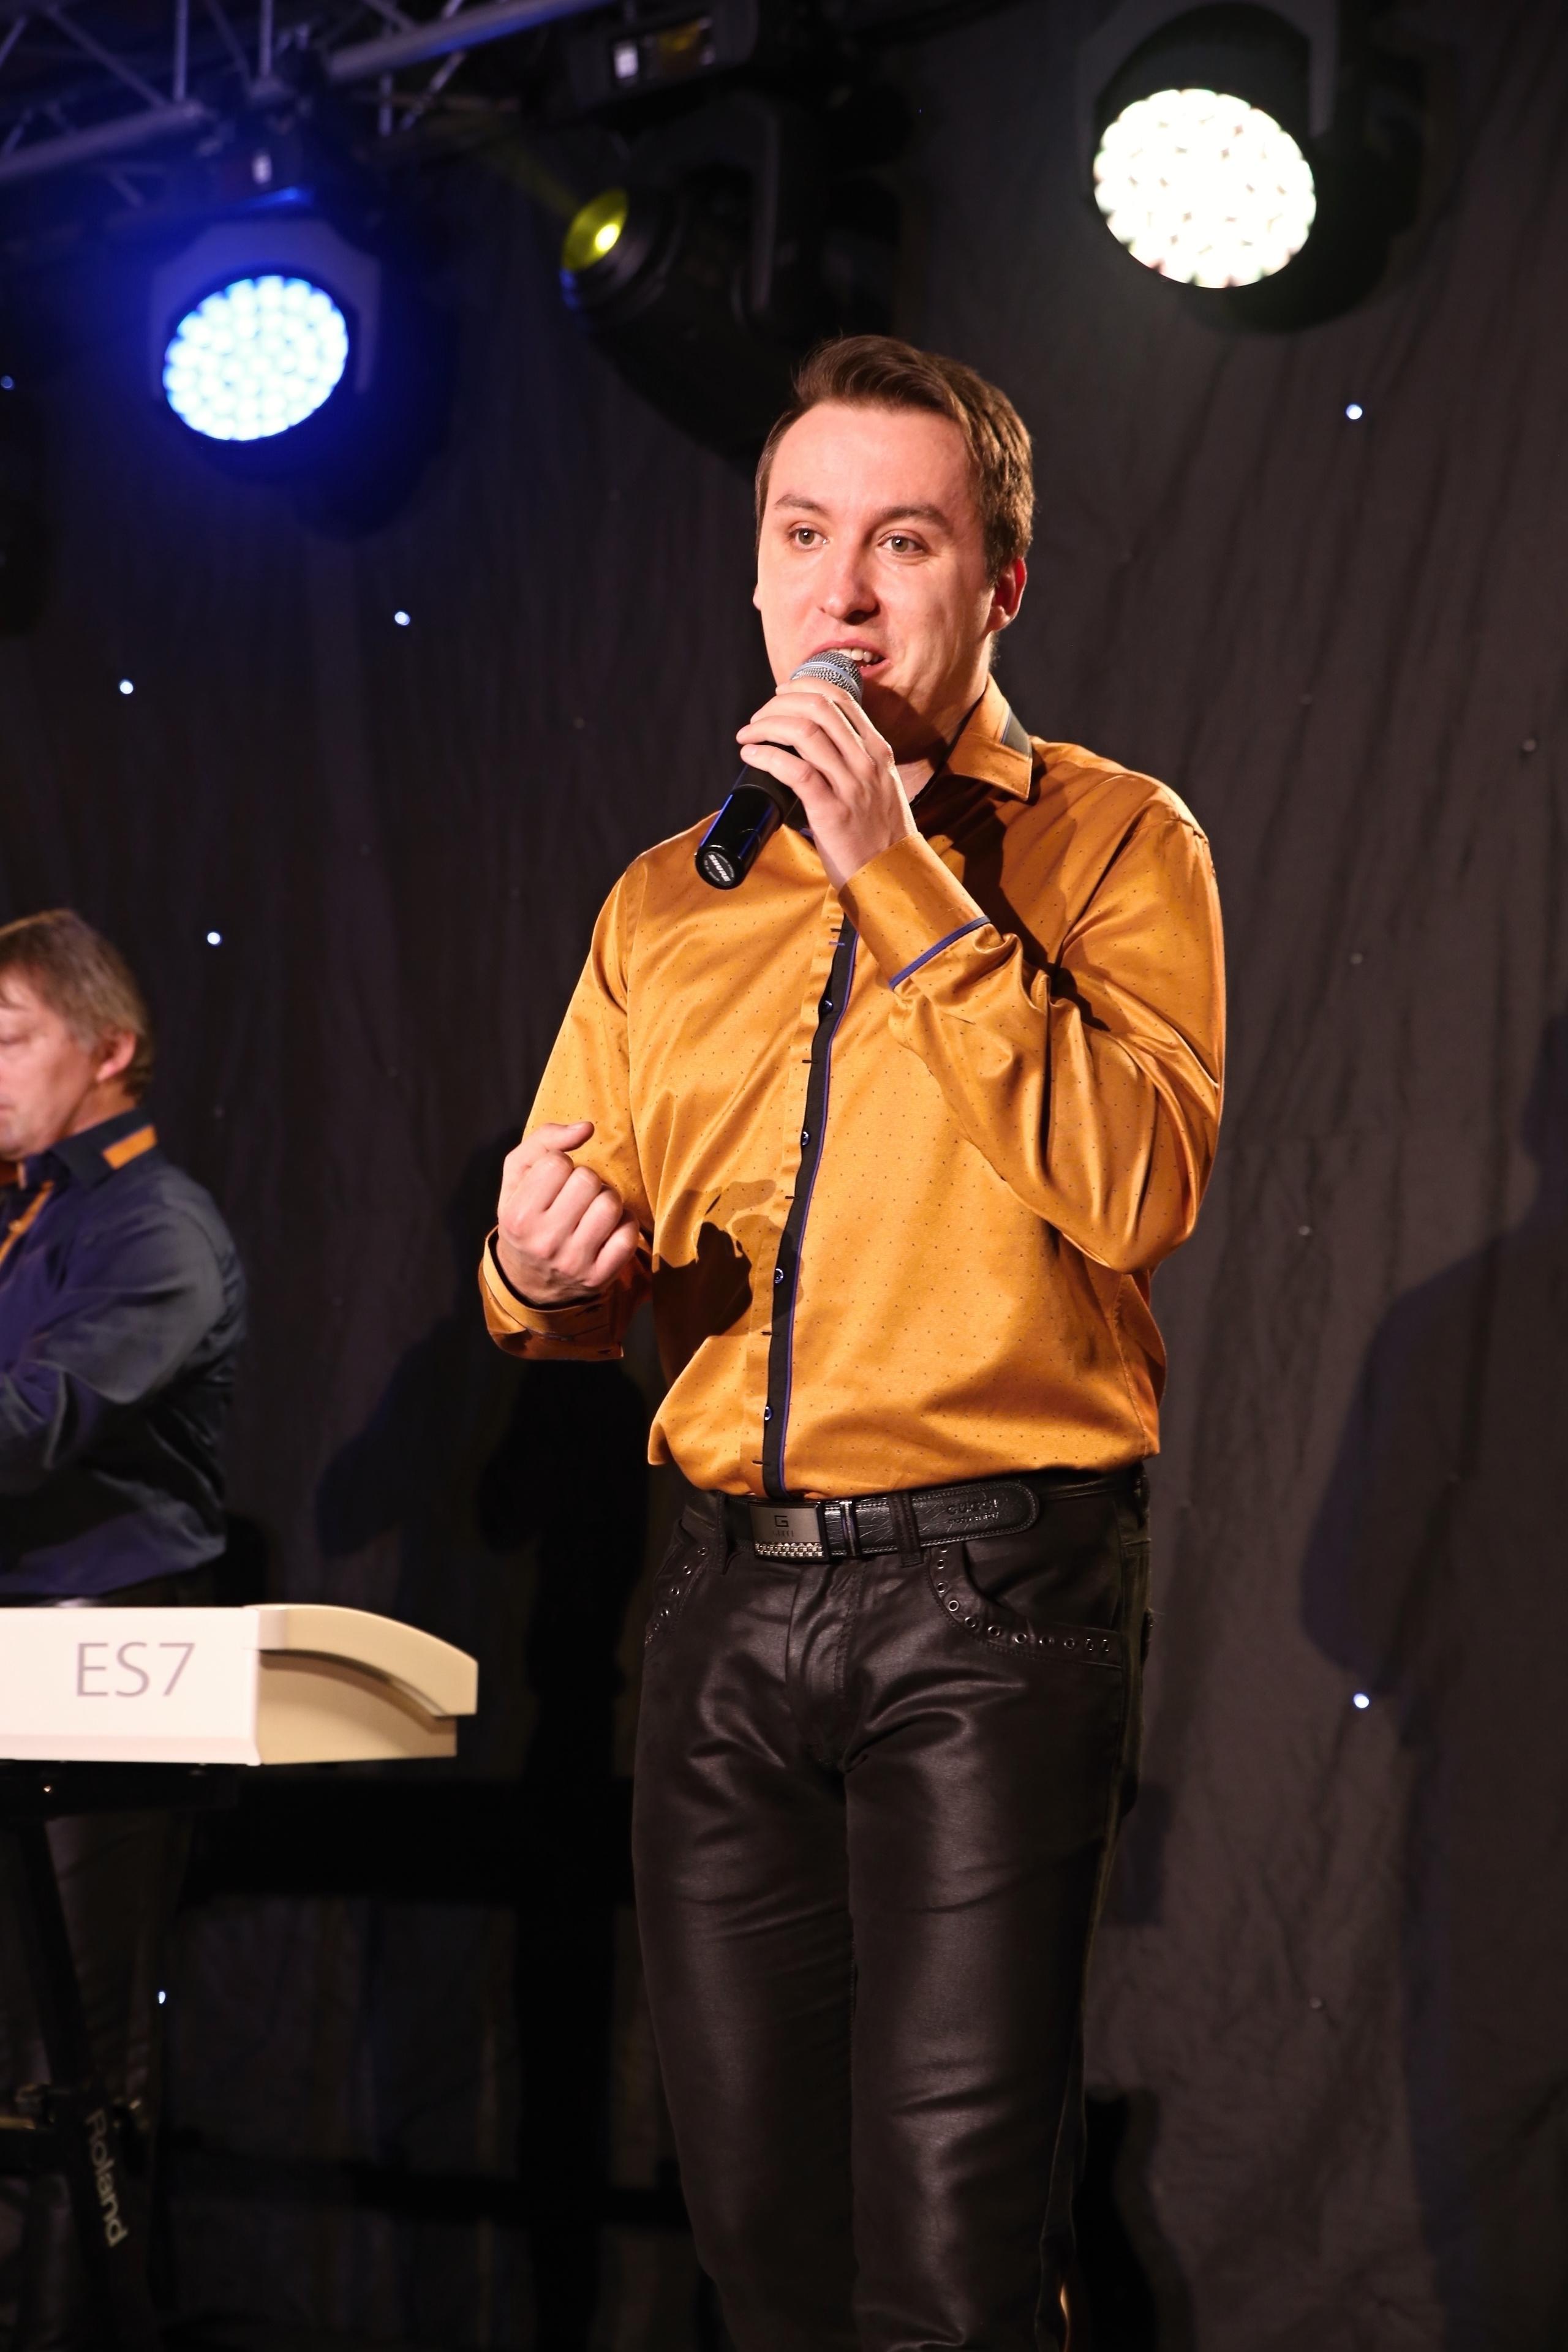 Petr_Průša_Photo412